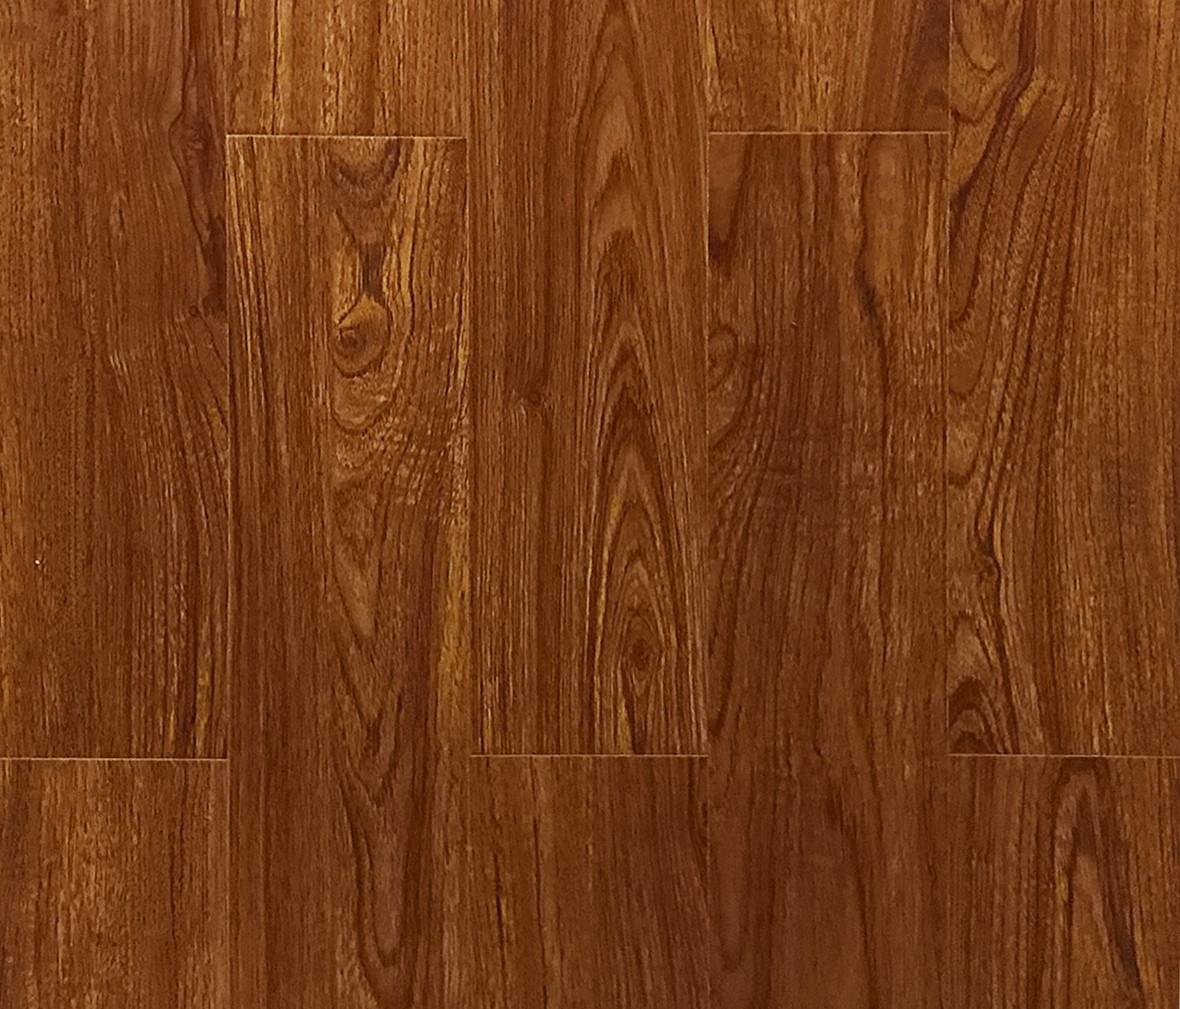 欧朗 G8801型号强化复合地板 高密度板材质复合地板 图片、价格、品牌、评测样样齐全!【蓝景商城正品行货,蓝景丽家大钟寺家居广场提货,北京地区配送,领券更优惠,线上线下同品同价,立即购买享受更多优惠哦!】